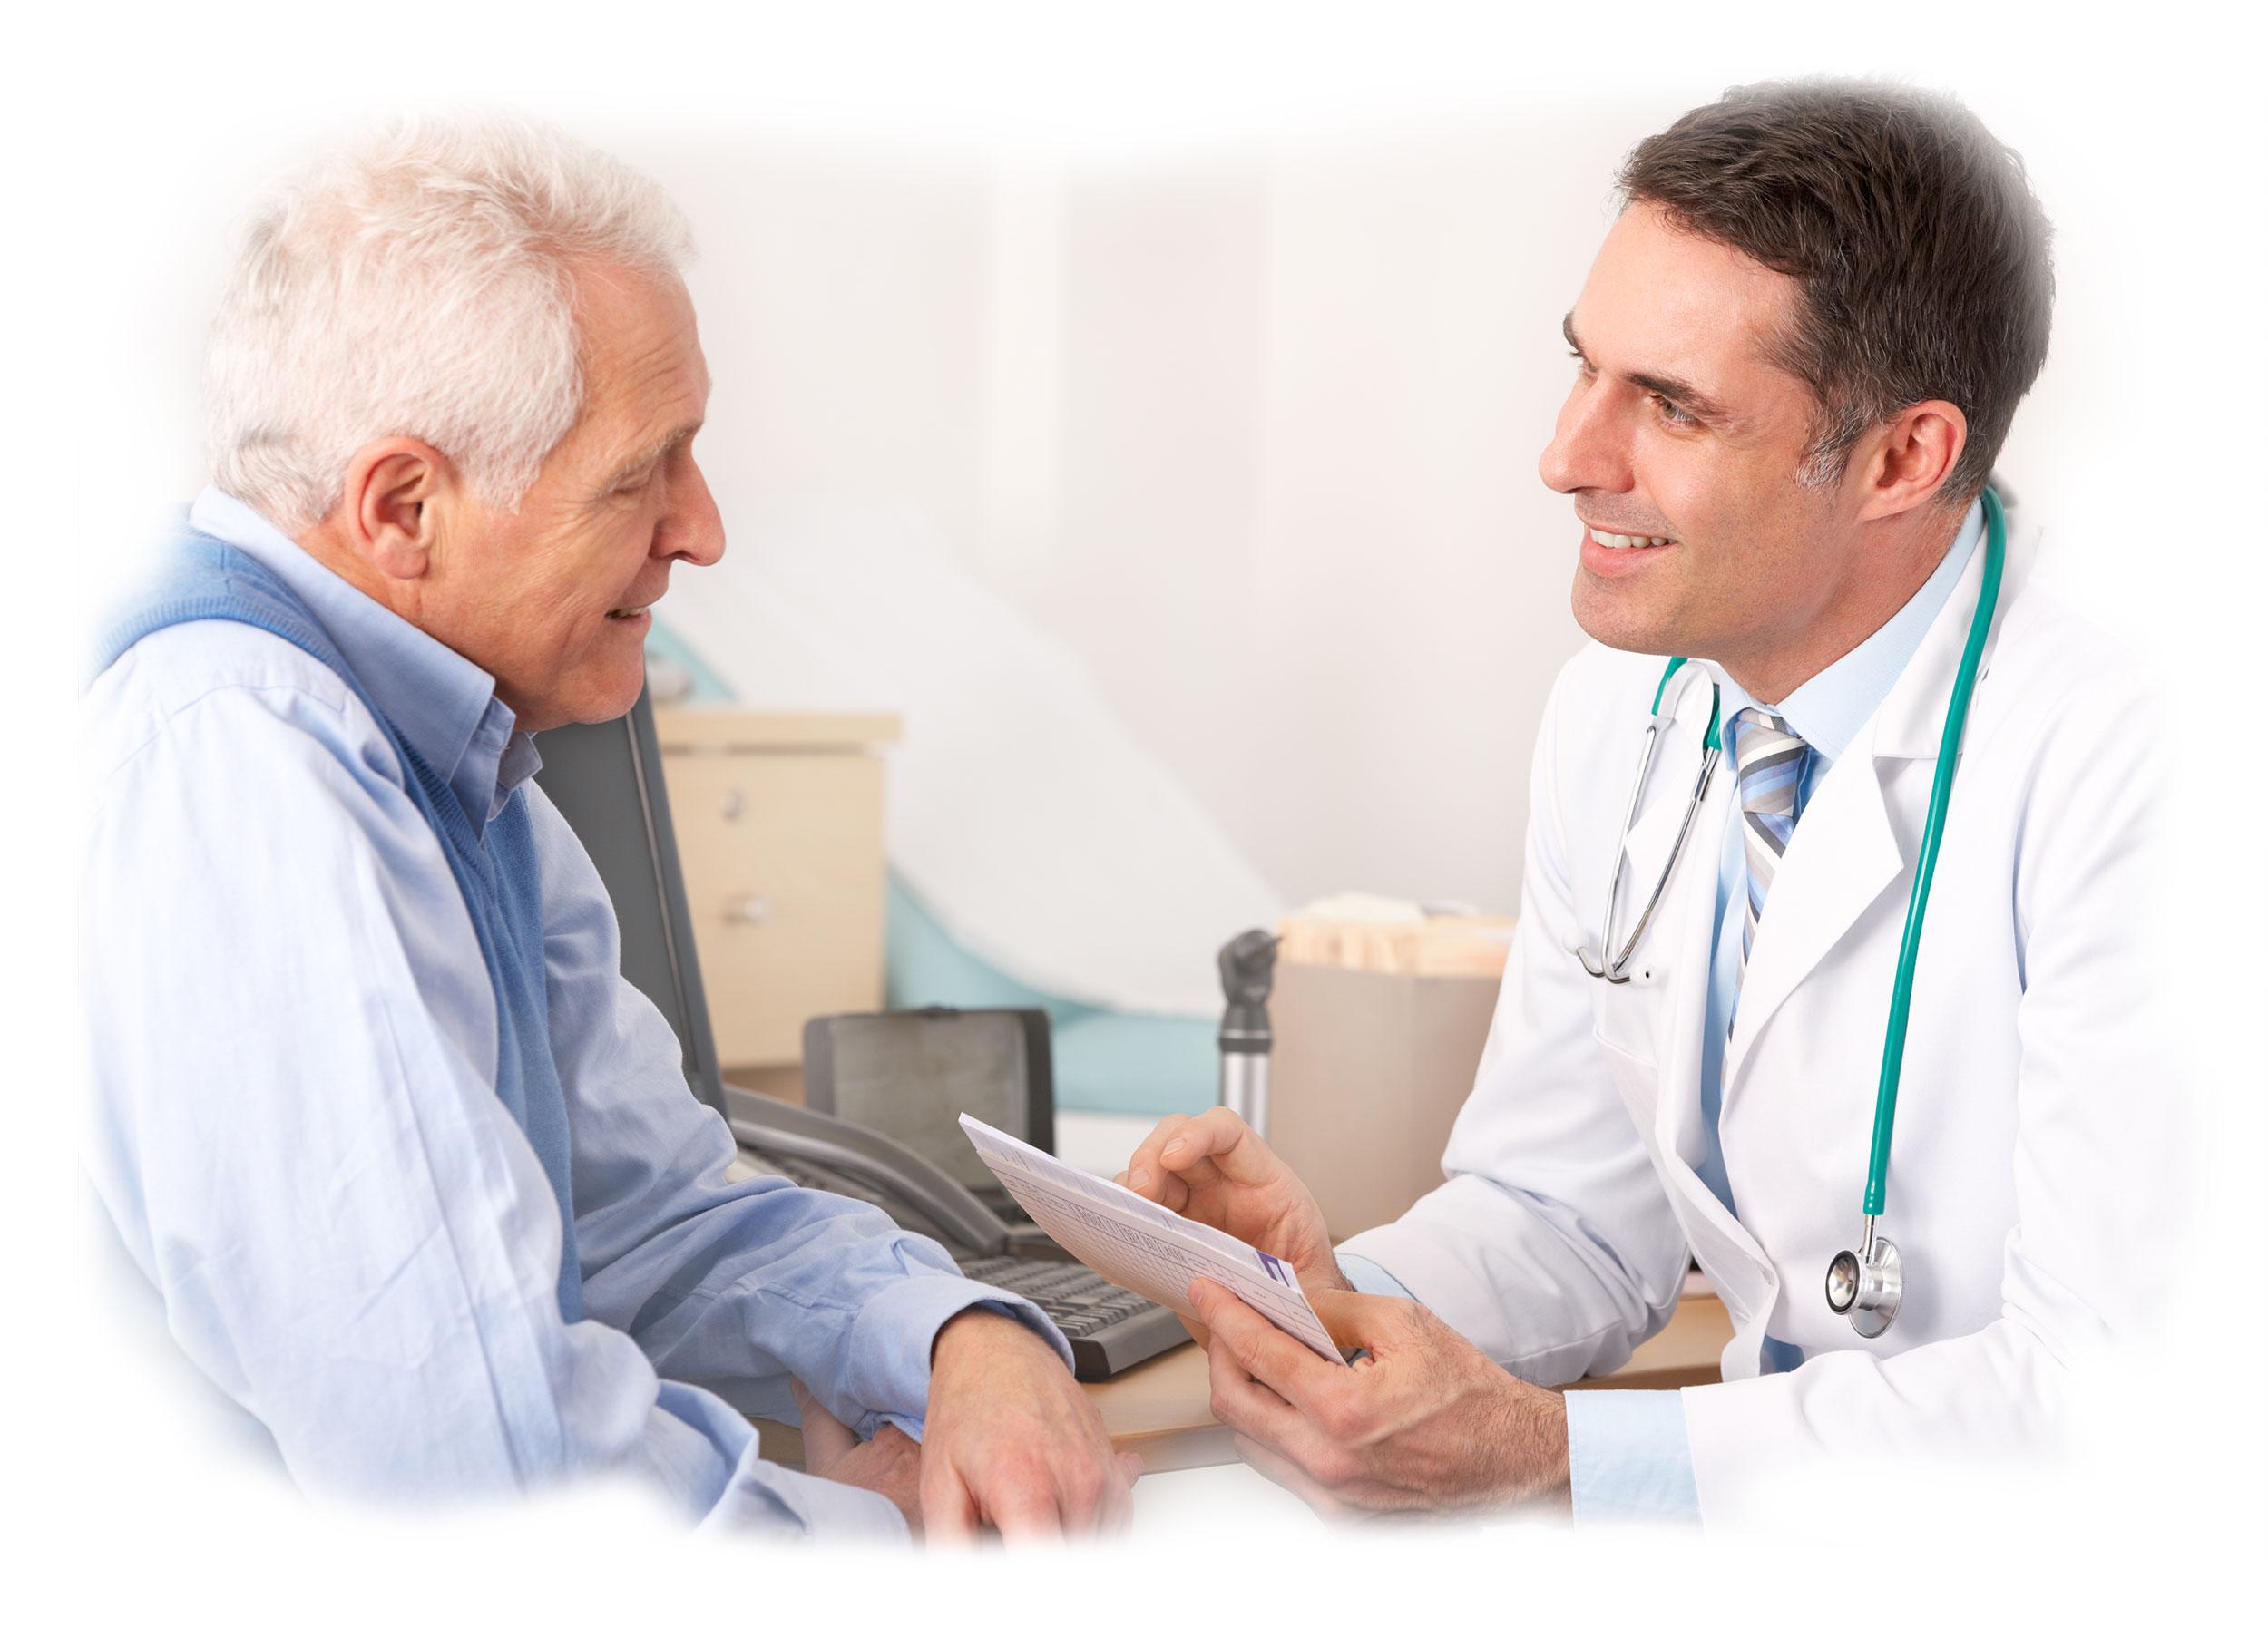 foto-consulta-medica-externa-especializada